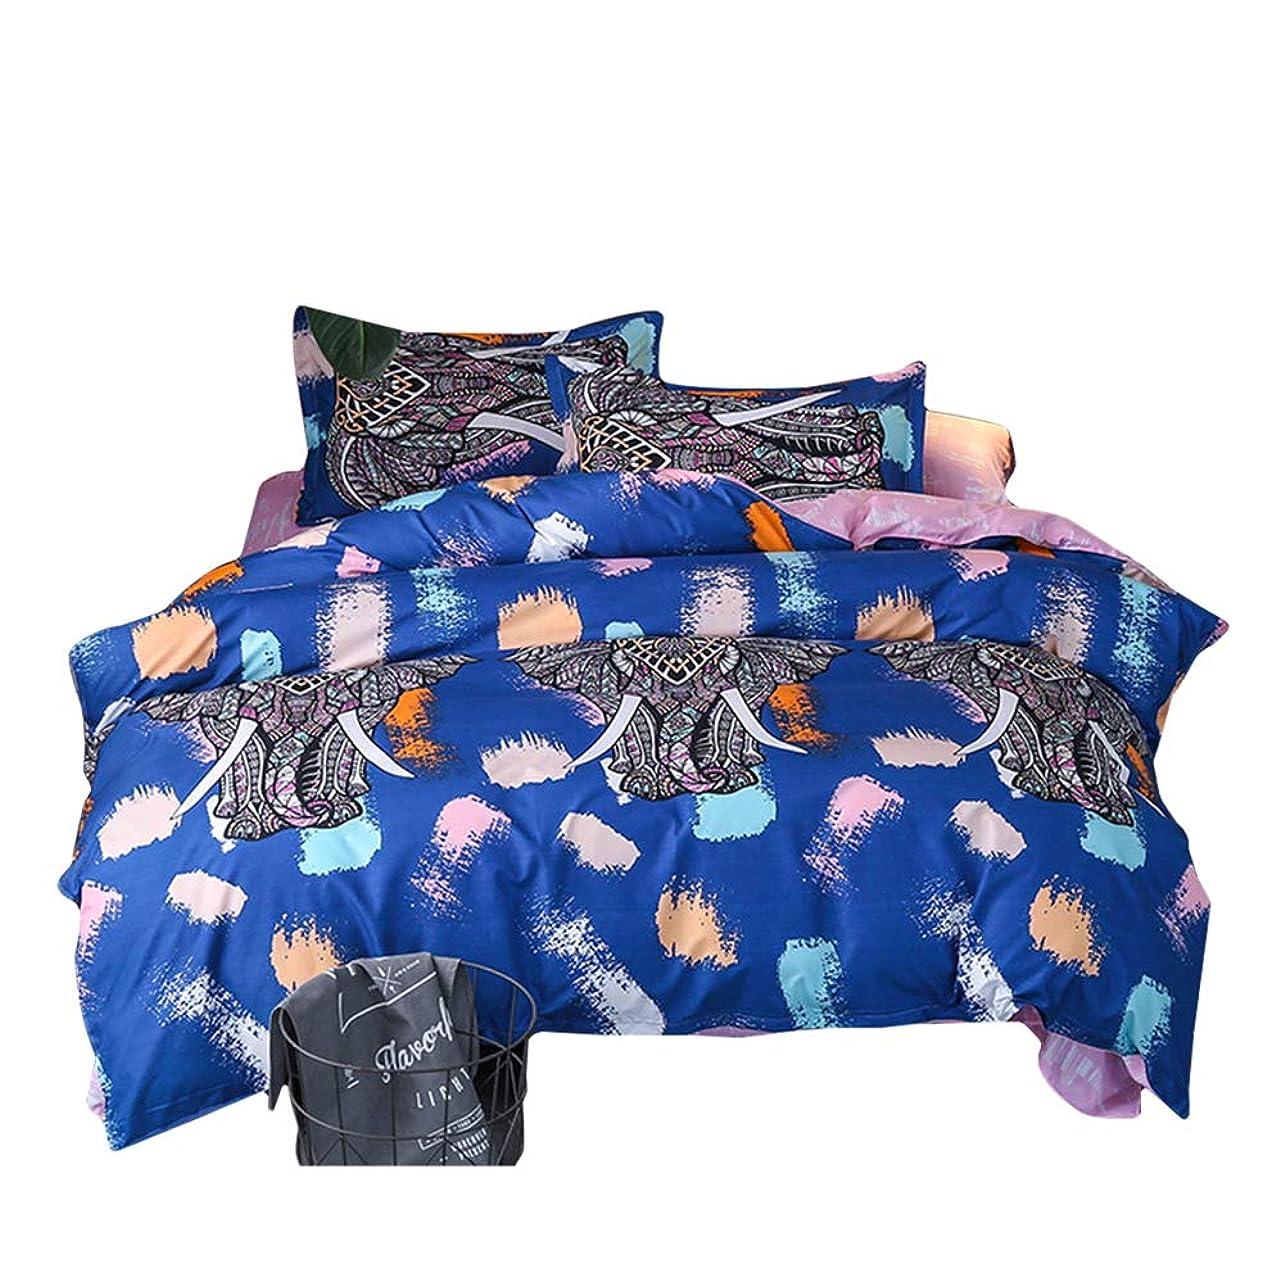 消去トレーニングダニ布団カバー4点セット  寝具用品 通気性 ダグル ボックスケース式 ベッド用 掛け布団カバーとボックスケースと枕カバー*2 (ダブル 190x210cm)XLY-ST